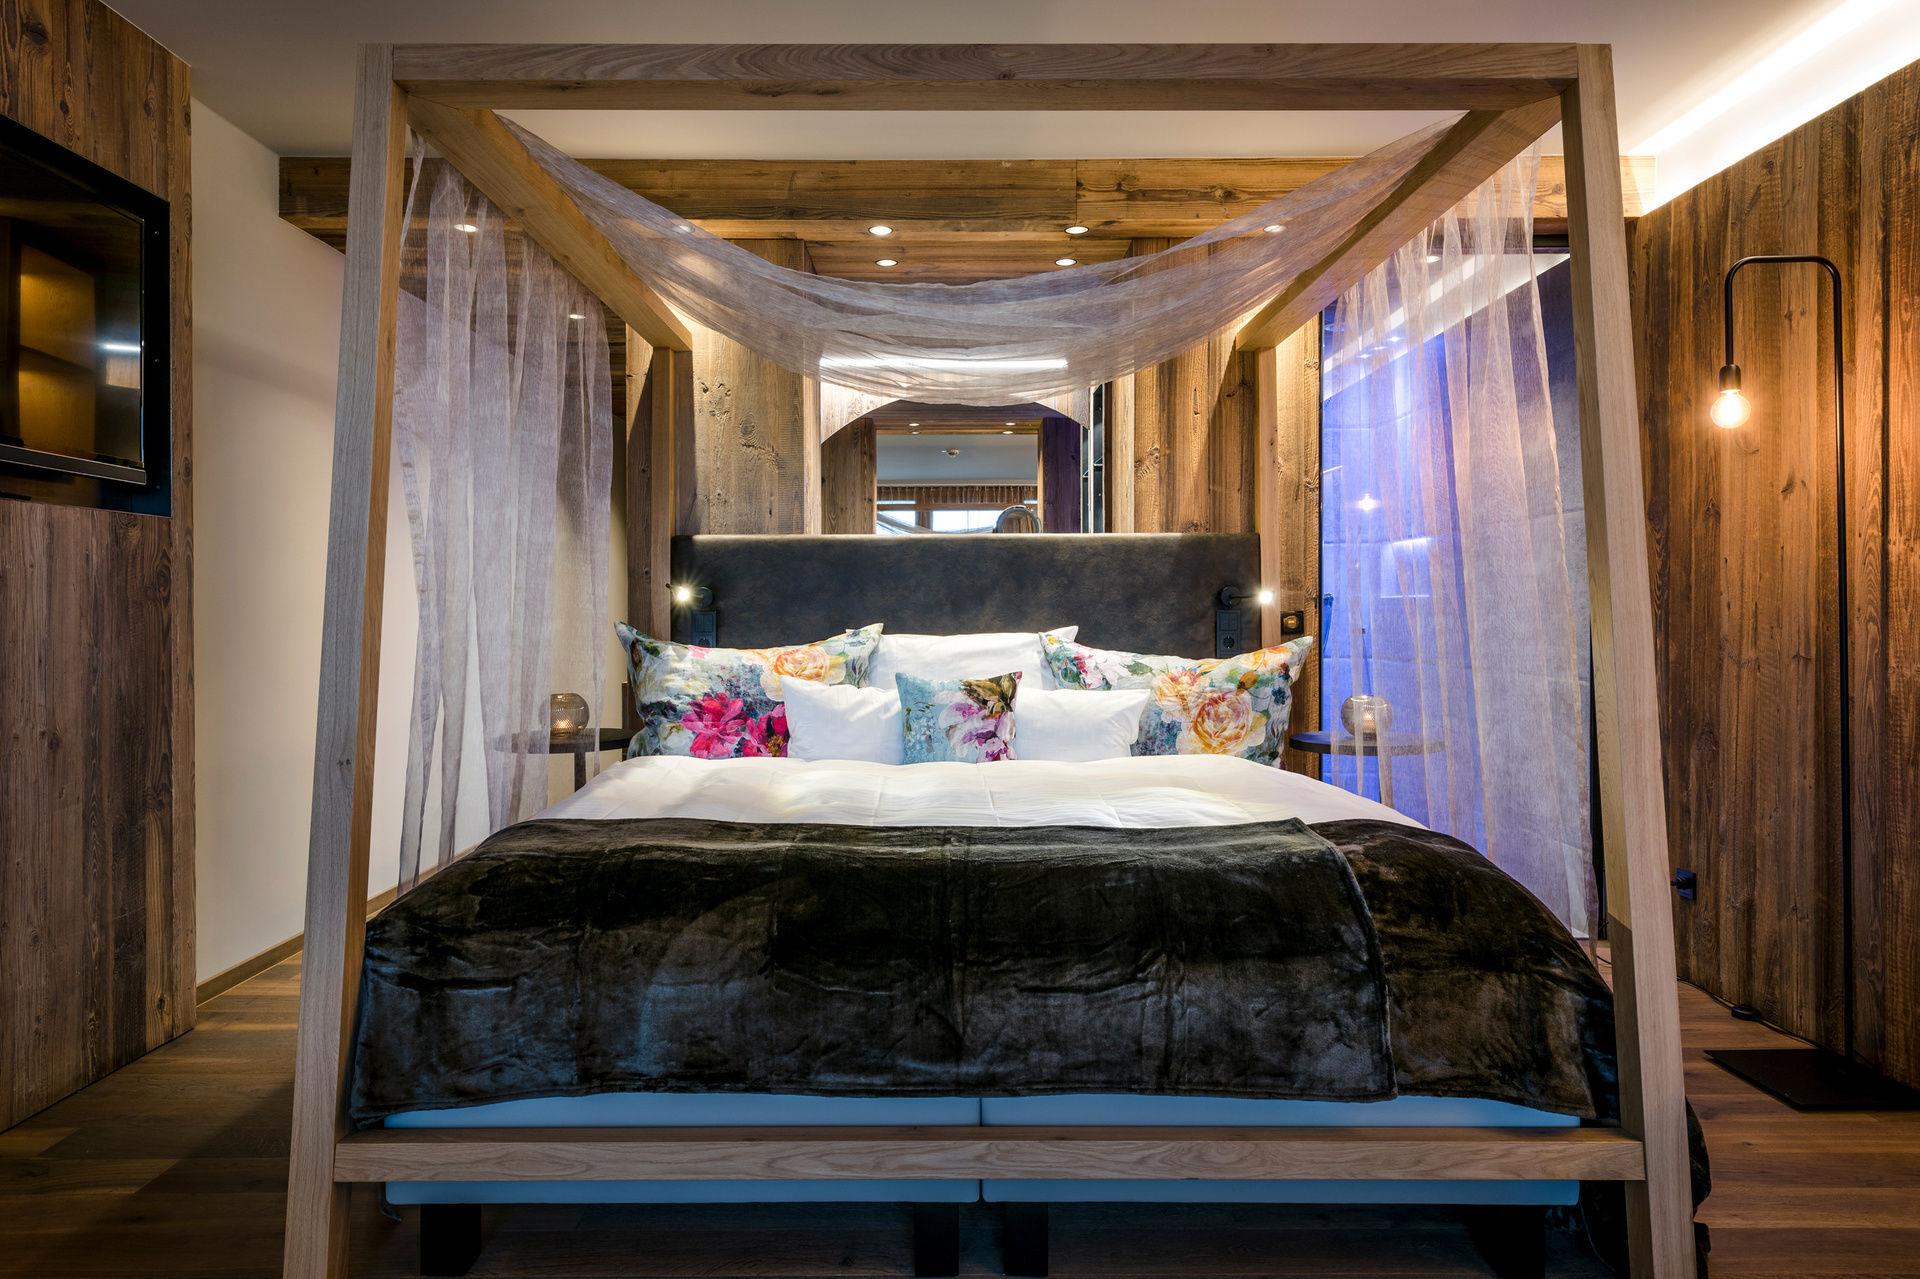 4 sterne wellnesshotel h ttenhof im bayerischen wald bayern erwachsenenhotel. Black Bedroom Furniture Sets. Home Design Ideas